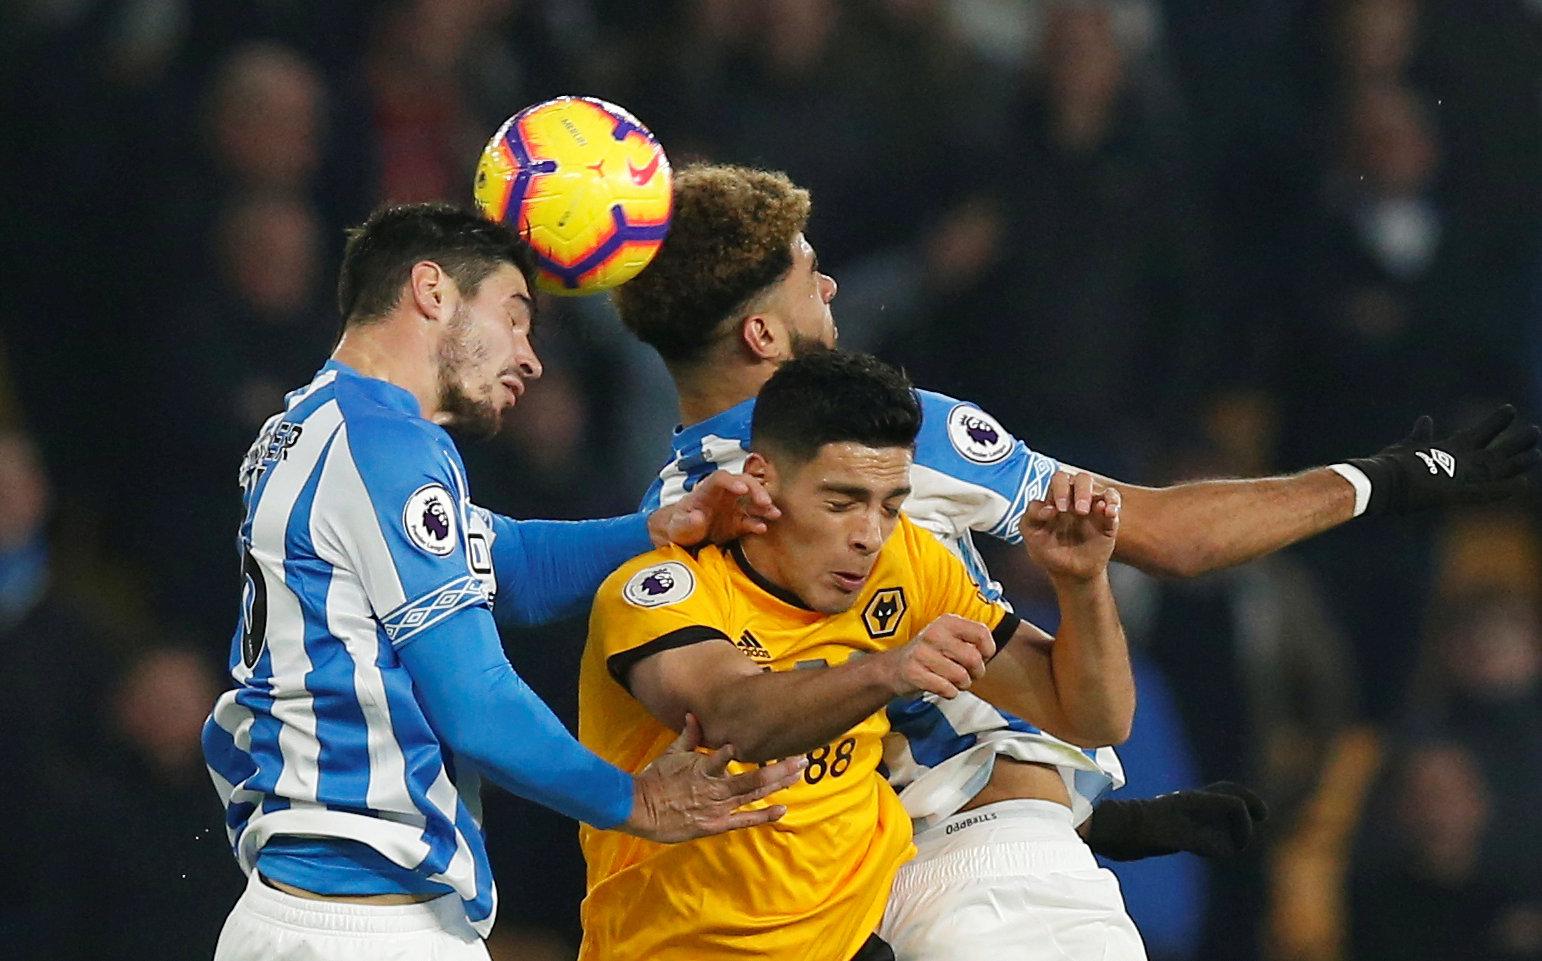 En fotos: Ni Jiménez evitó la sorpresiva caída en casa de Wolverhampton contra Huddersfield